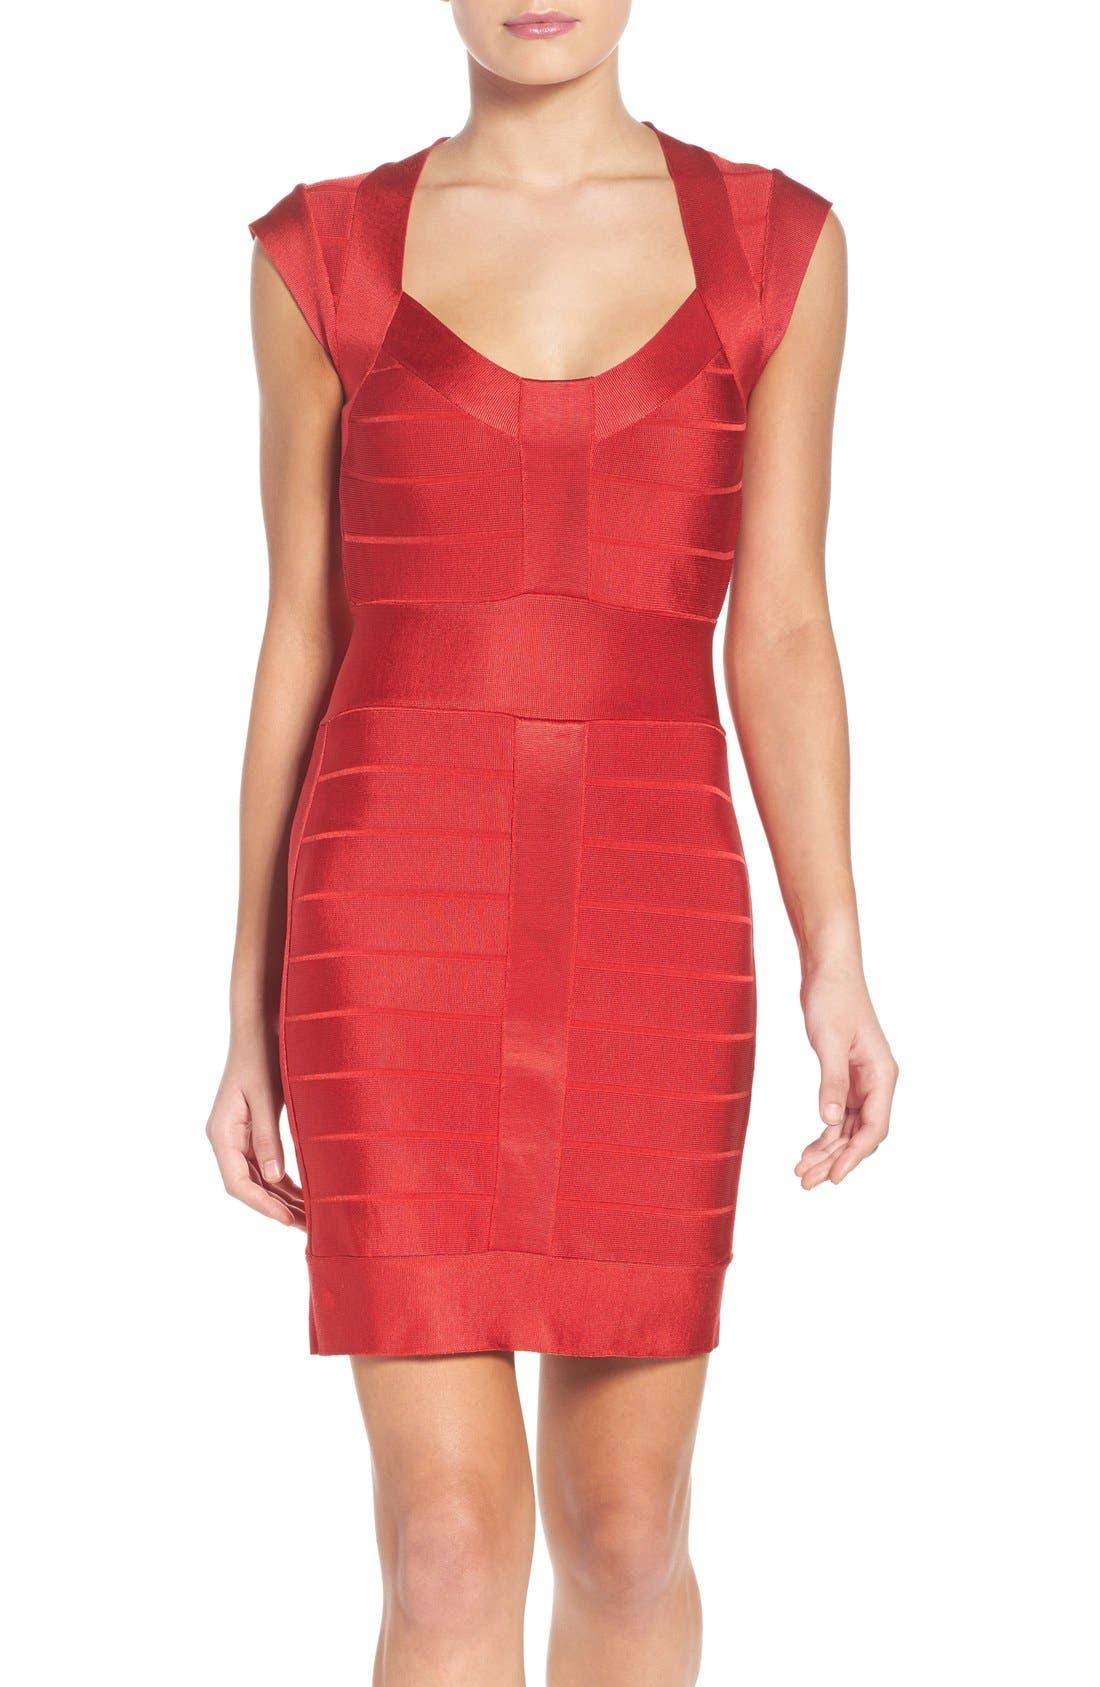 Main Image - French Connection Spotlight Bandage Dress